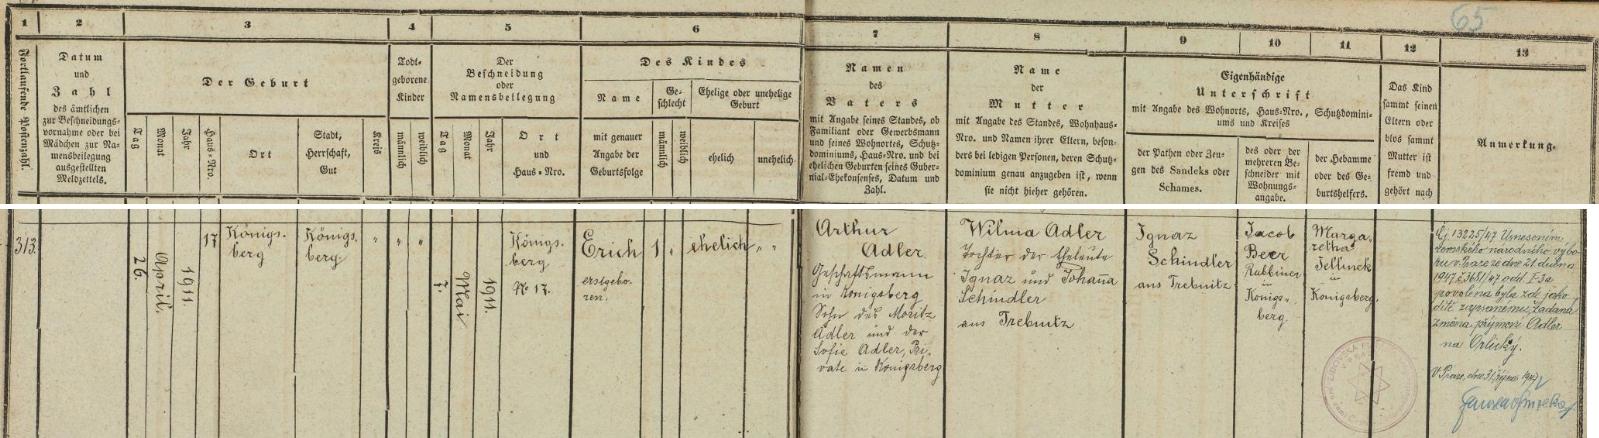 Záznam o narození jeho otce v kynšperské židovské matrice i s přípisem o změně příjmení v roce 1947